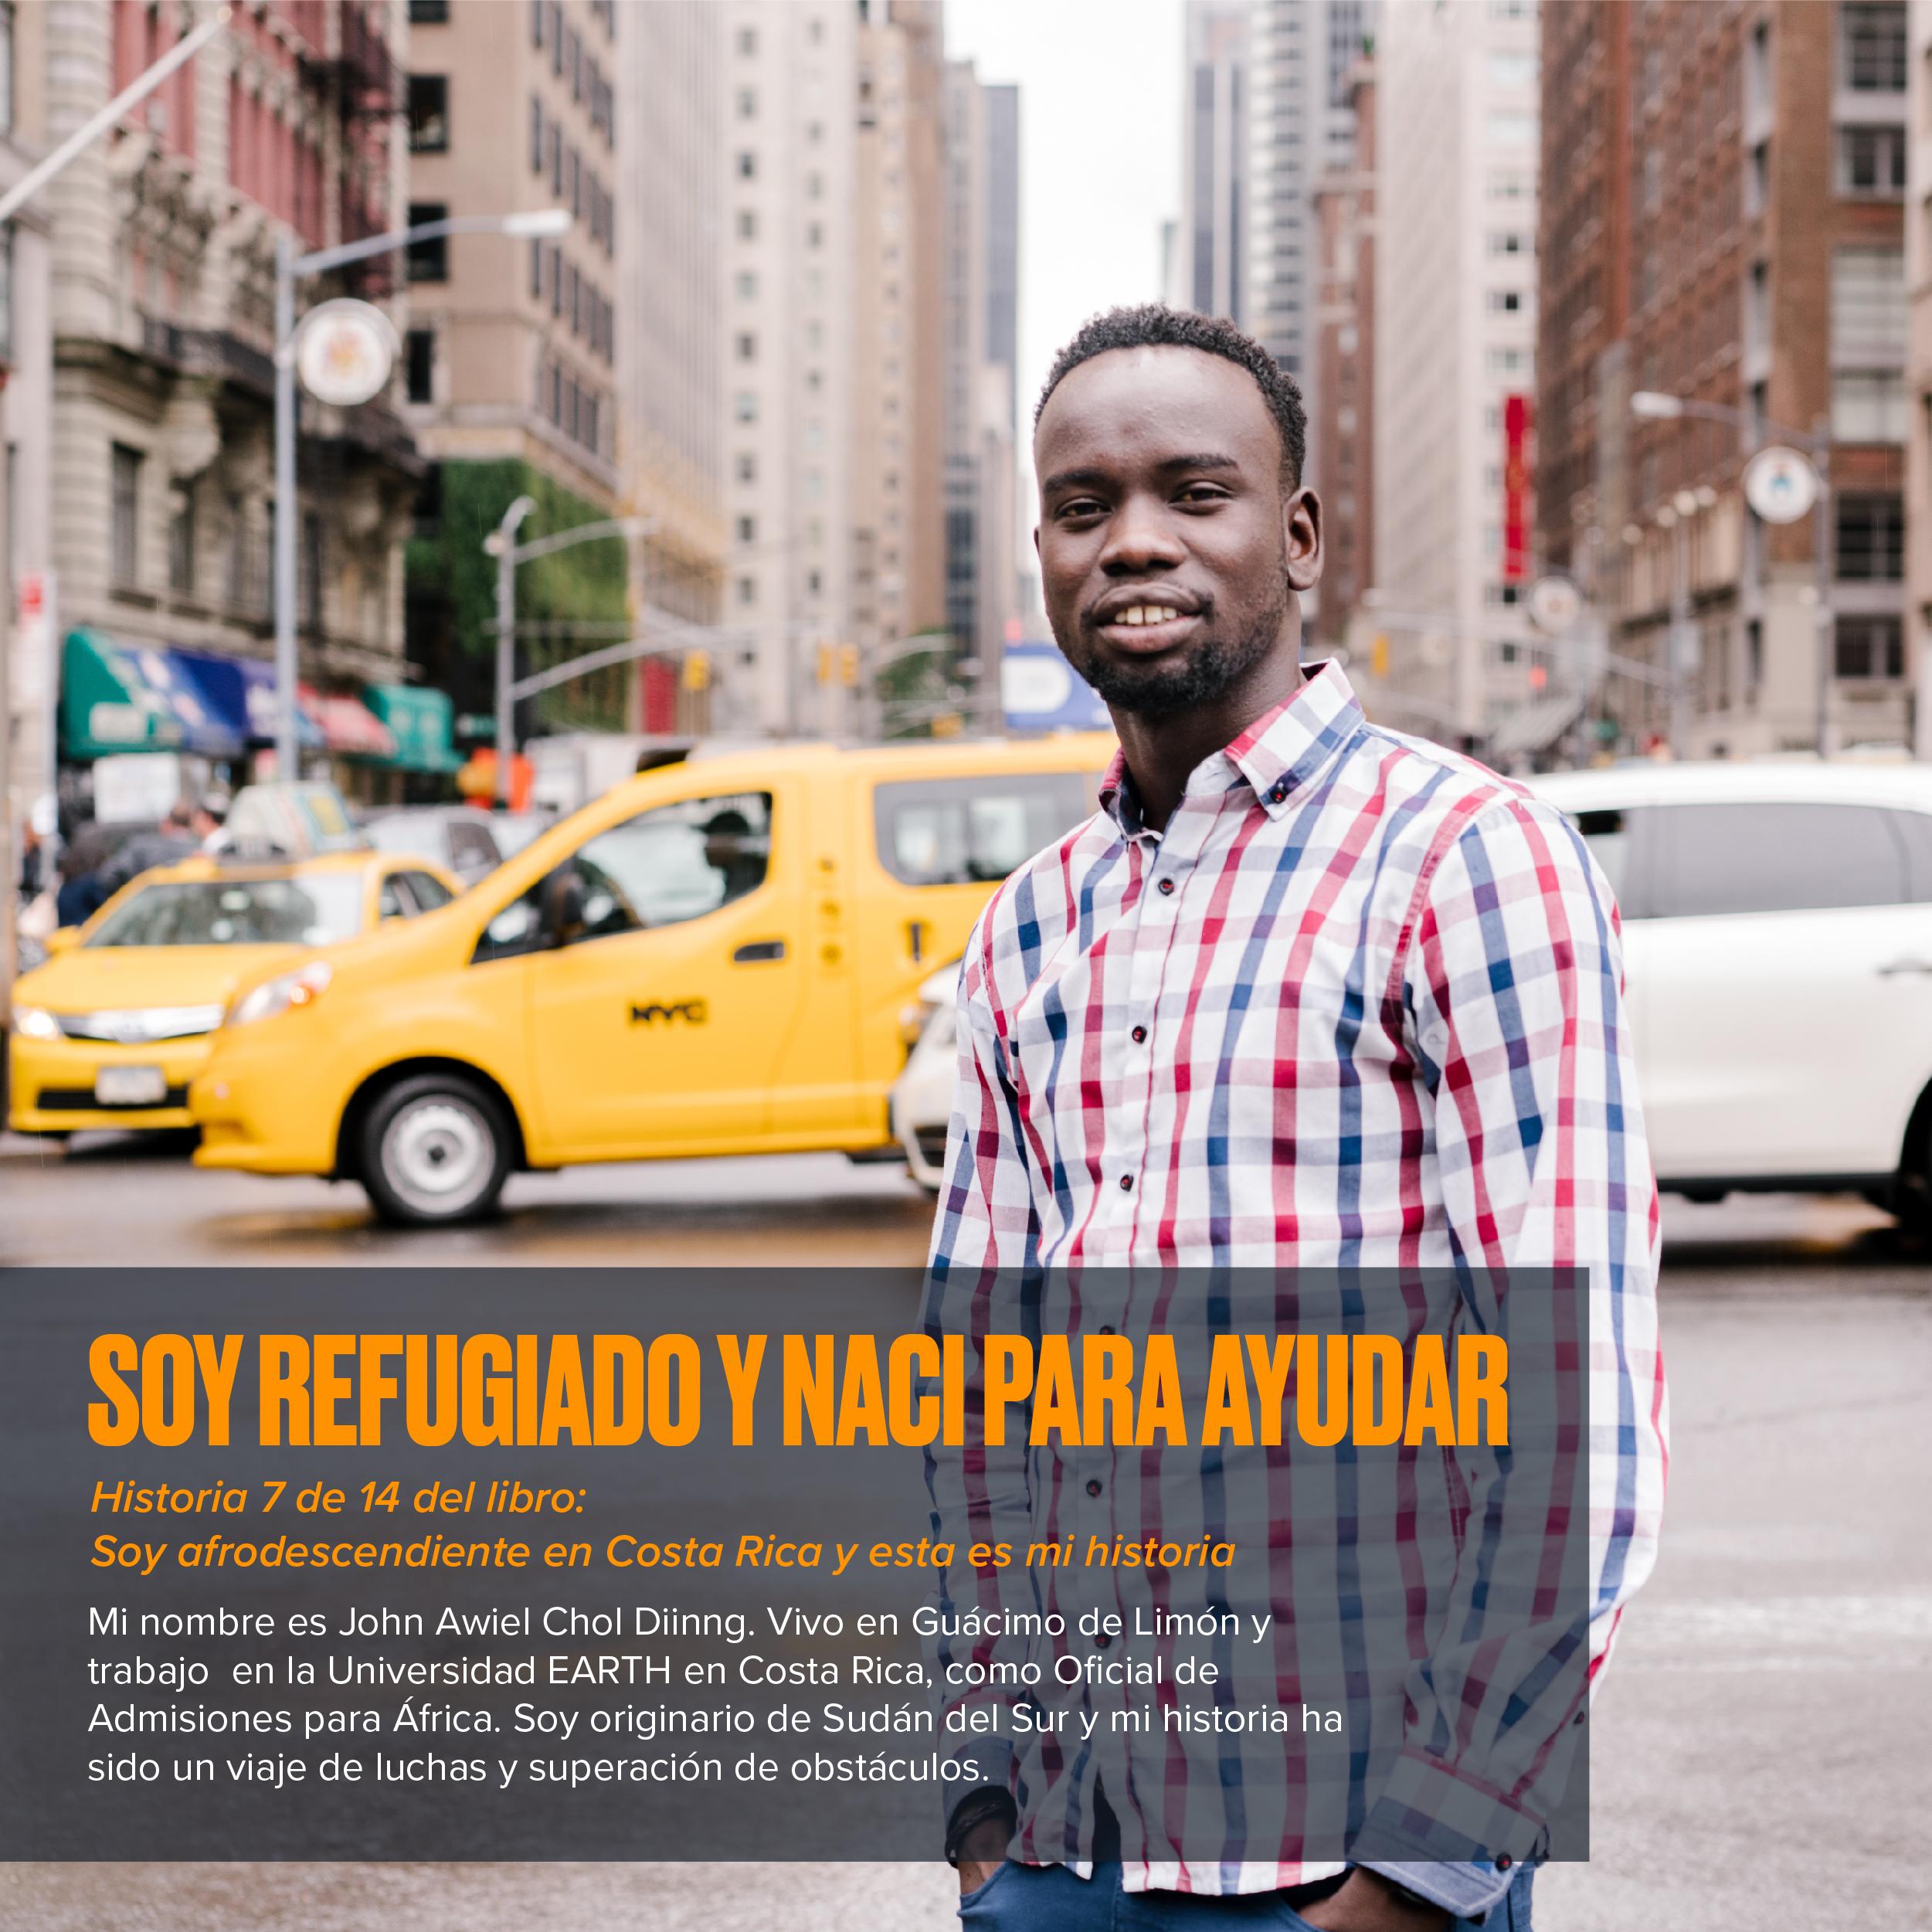 Soy refugiado y nací para ayudar: Historias afrodescendientes